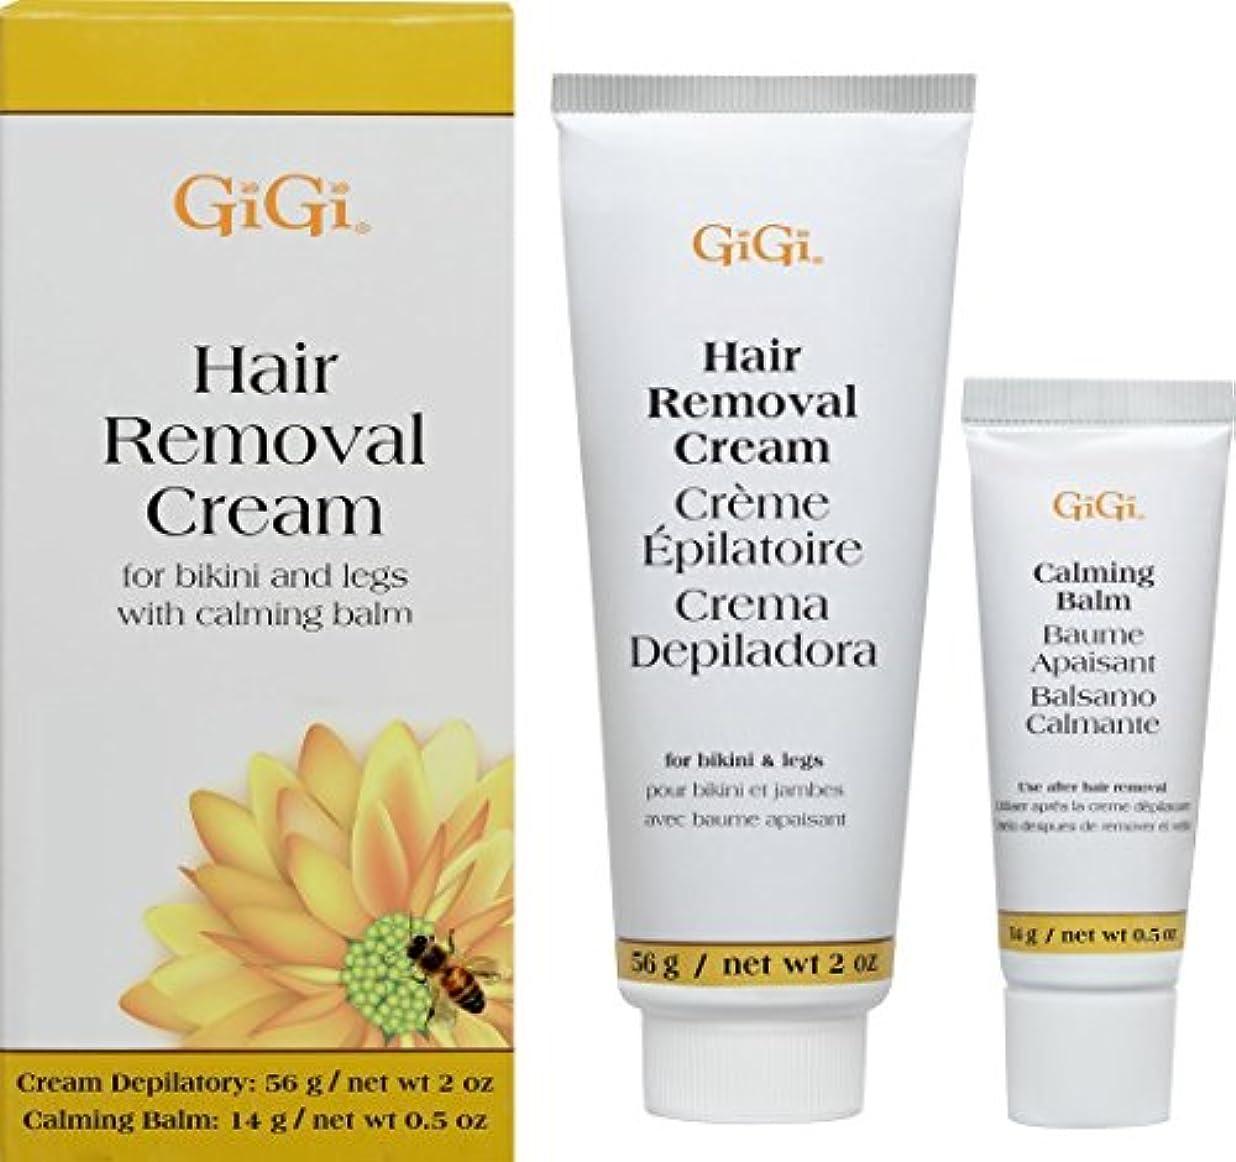 原油パキスタン人困難(1) - Gigi Hair Removal Cream W/Balm For Bikini & Legs